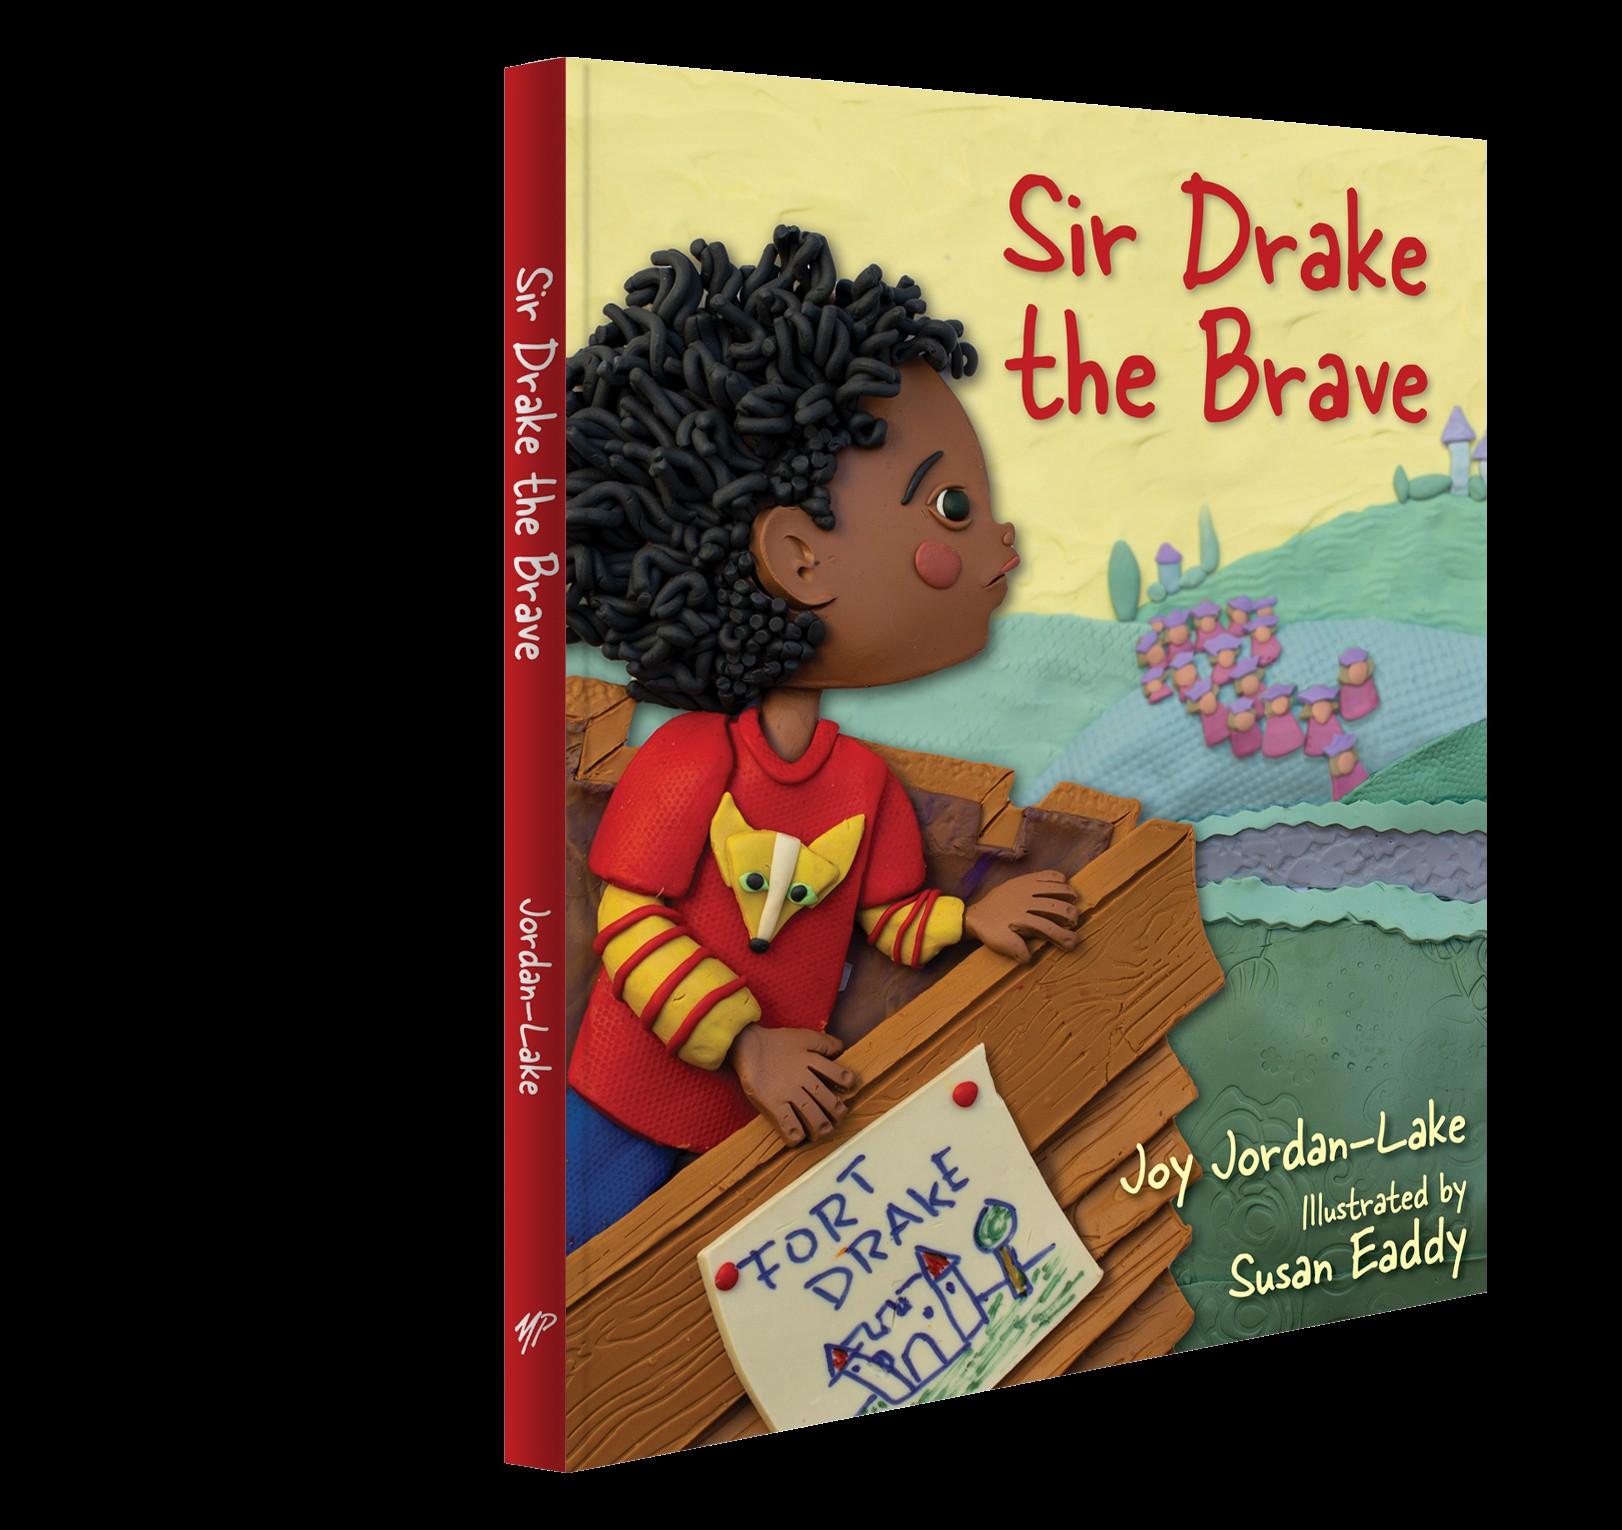 Sir Drake the Brave